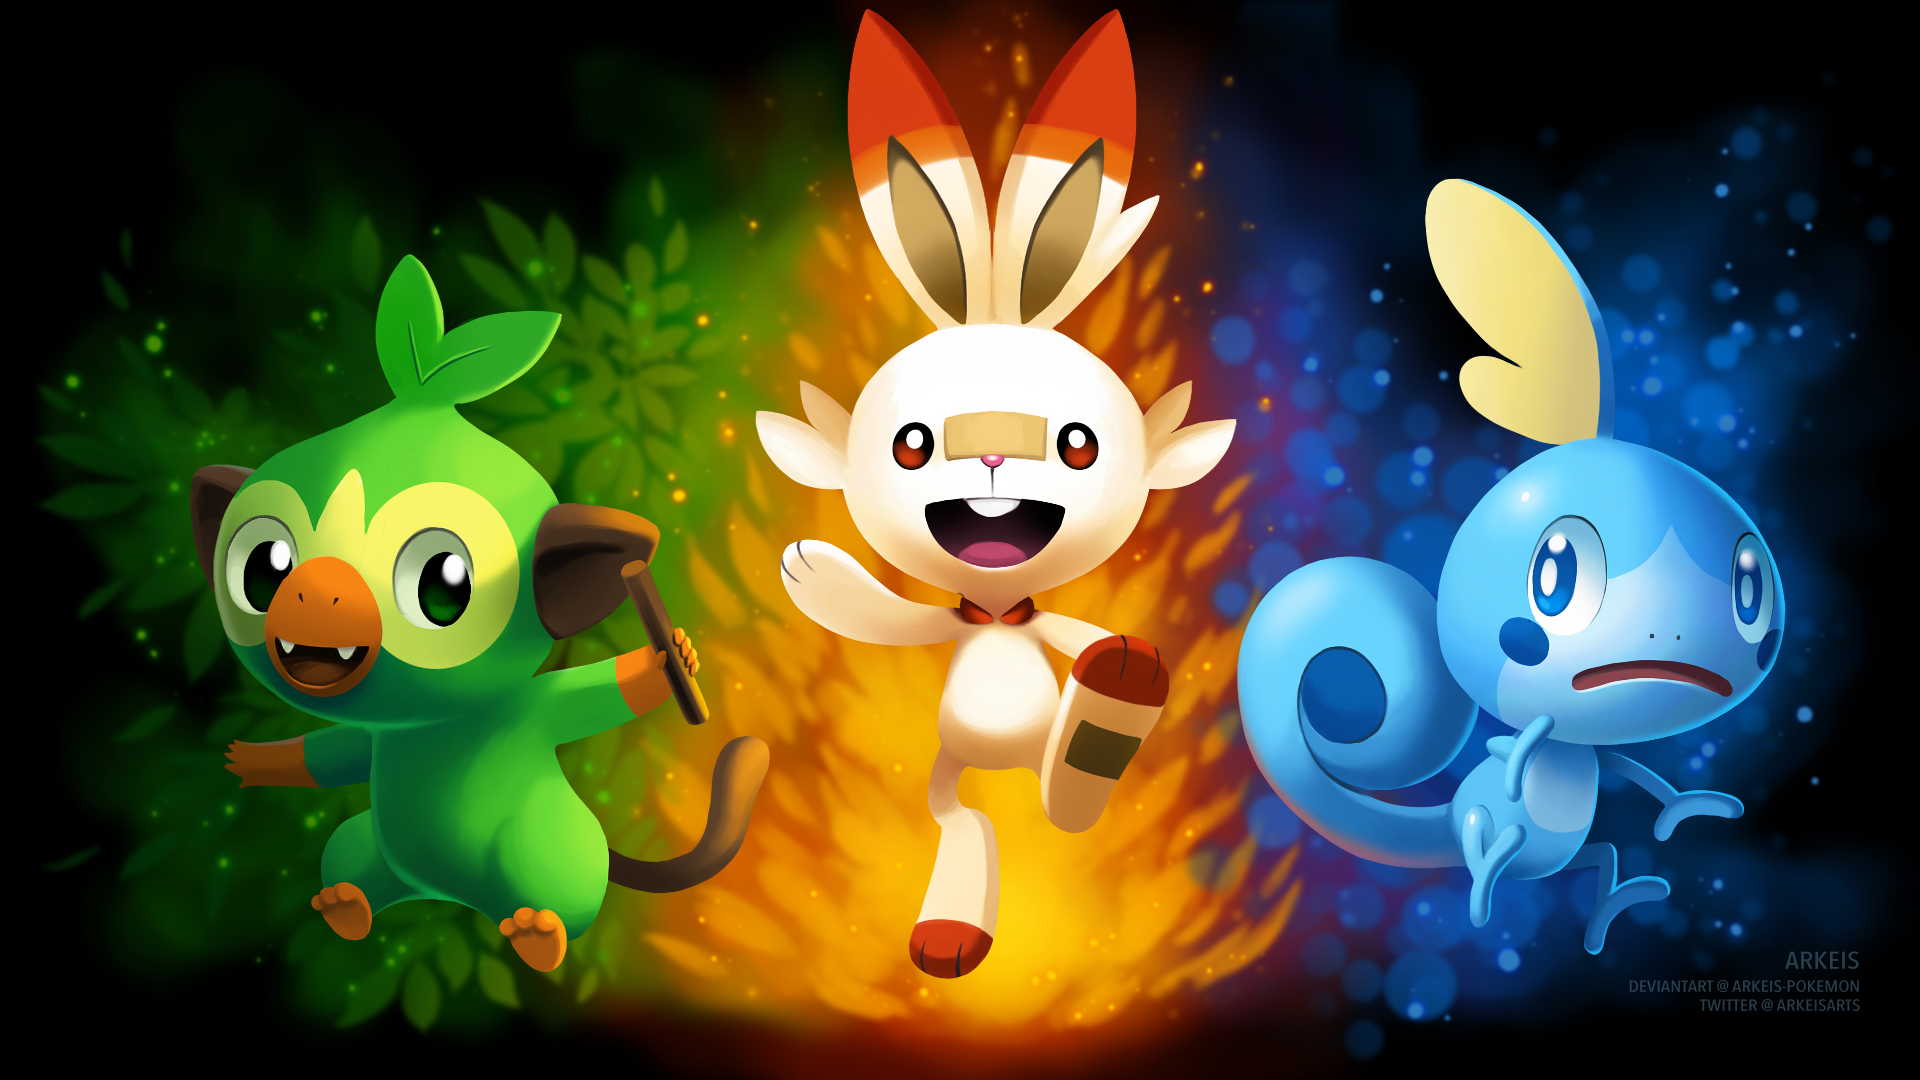 Wallpapers Pokemon Buscar Con Google Pokemon Pokemon Rayquaza Pokemon Starters